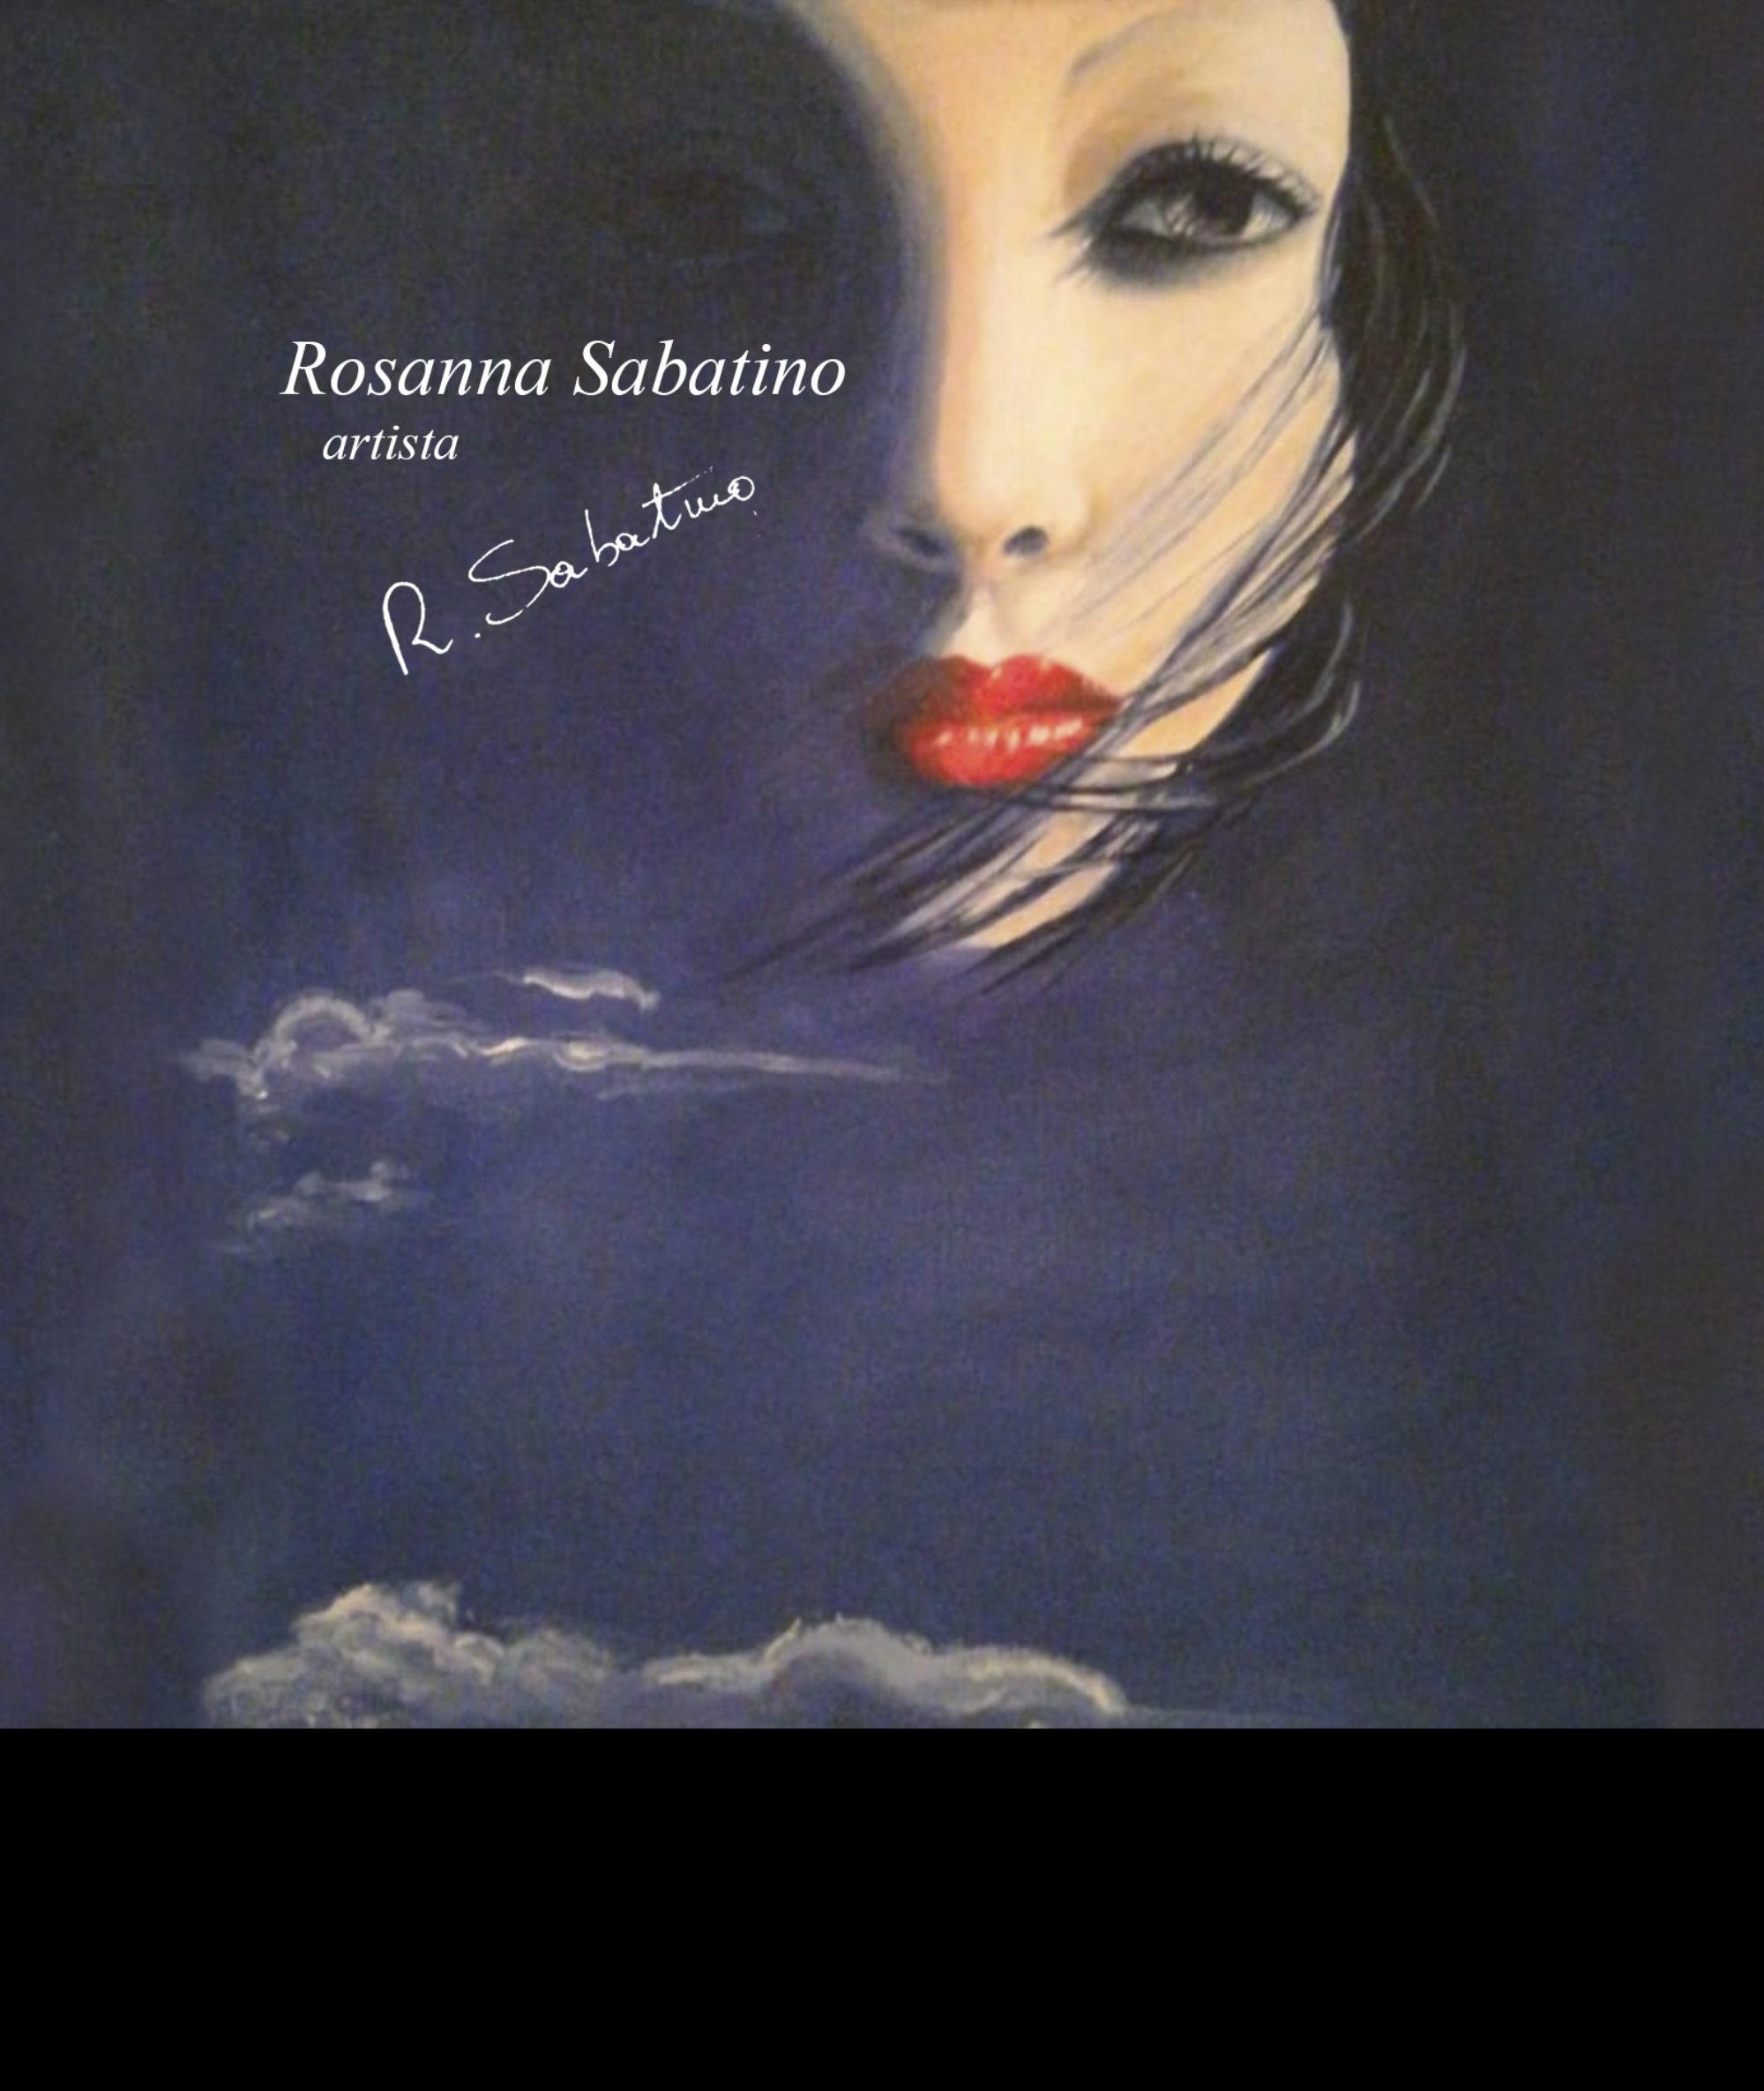 Rosanna Sabatino